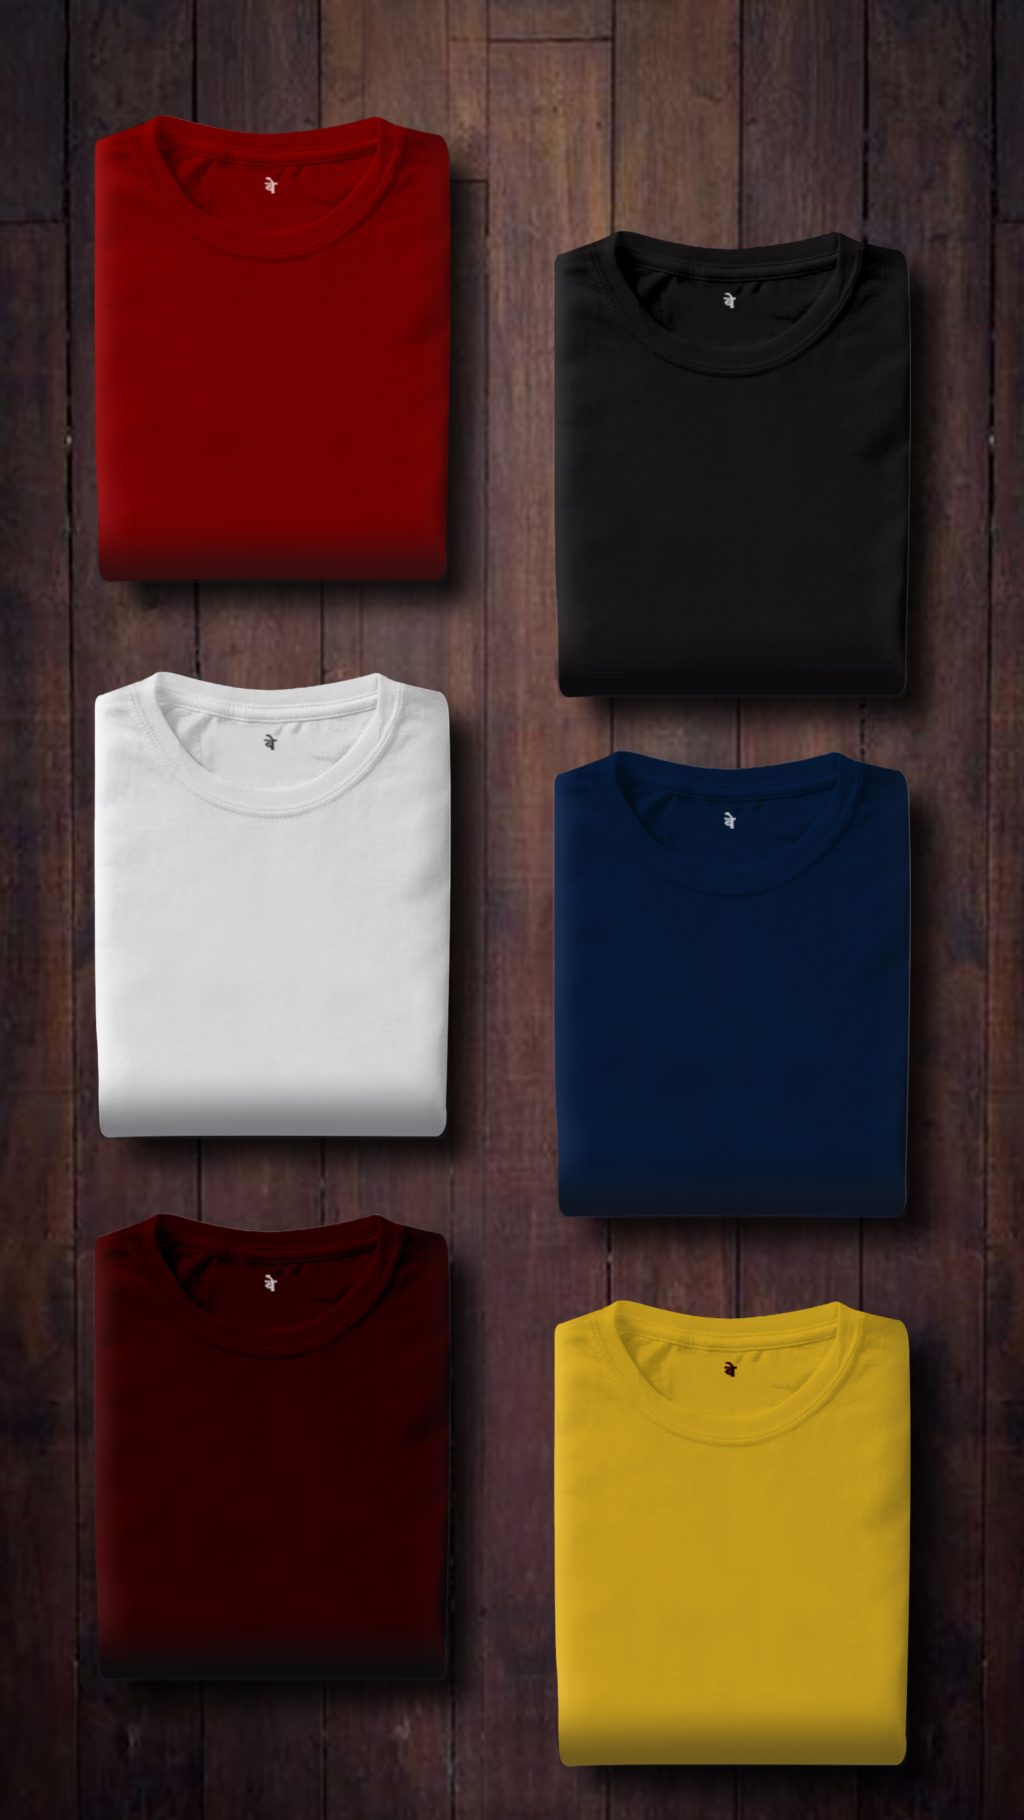 Tシャツ好きにおすすめ!!シルクスクリーン印刷でオリジナルTシャツを自分で作るメリット